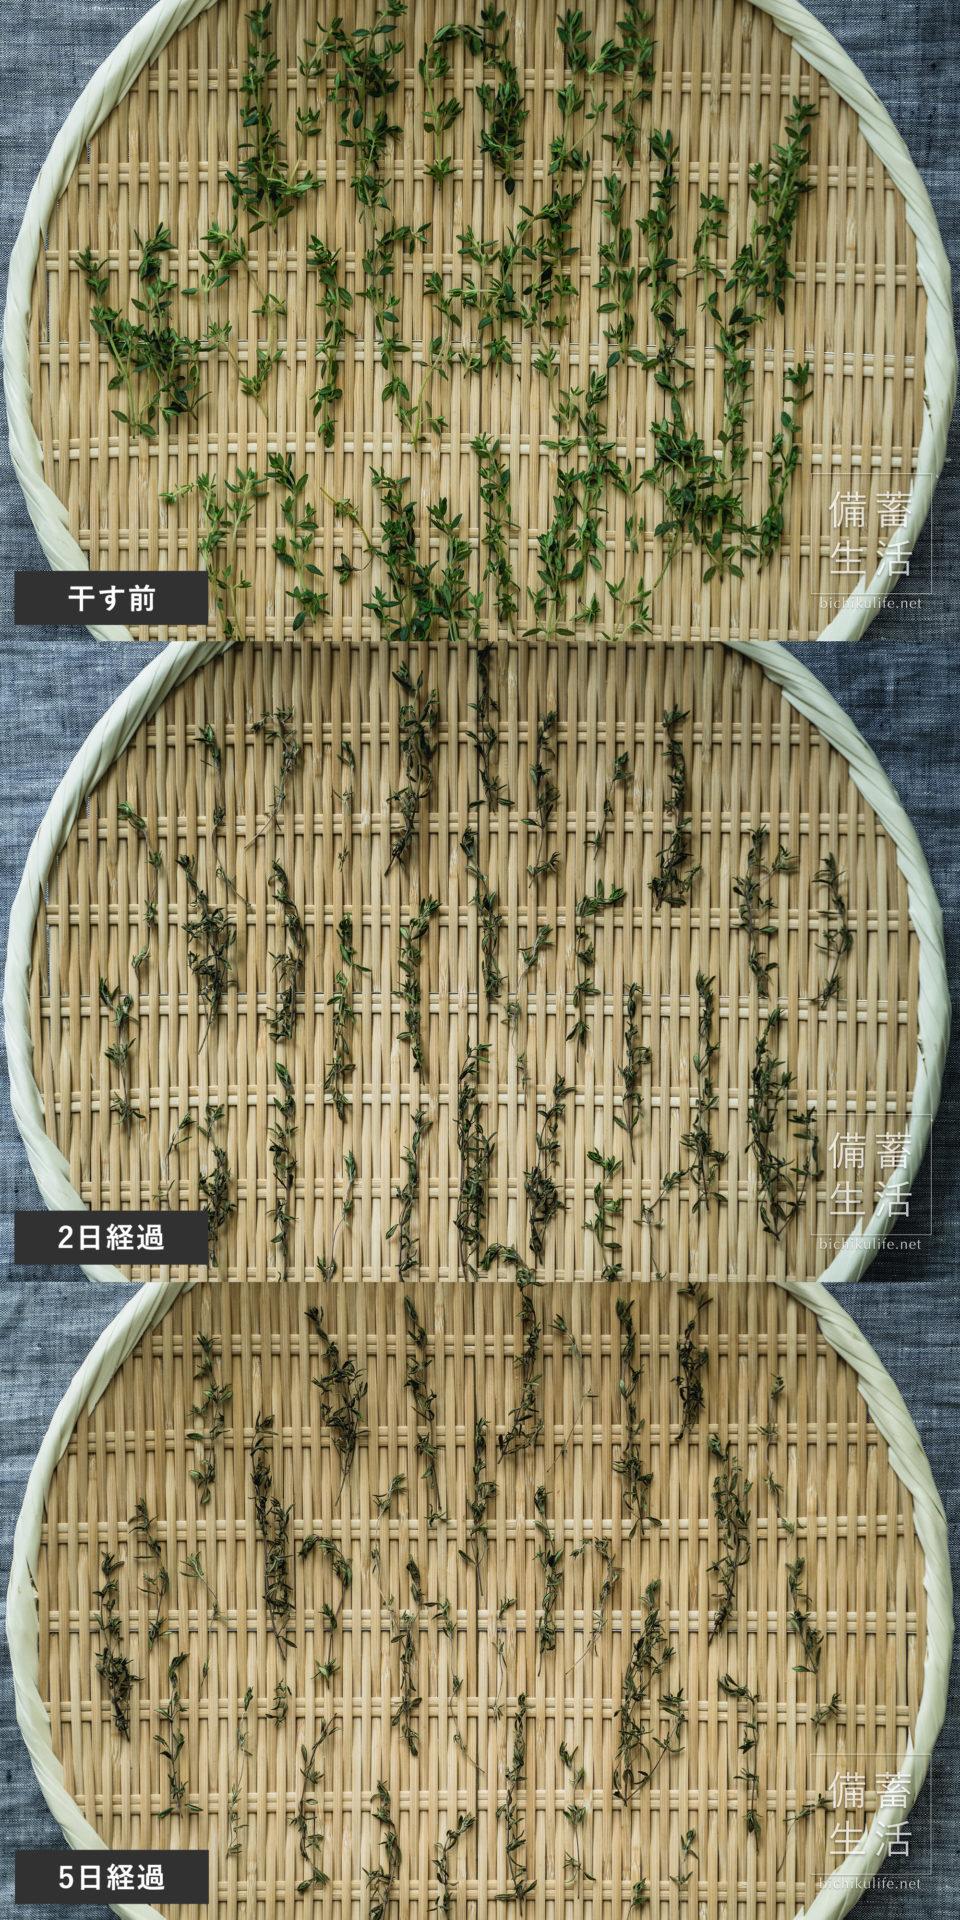 タイム 干し野菜づくり|干しタイムの作り方